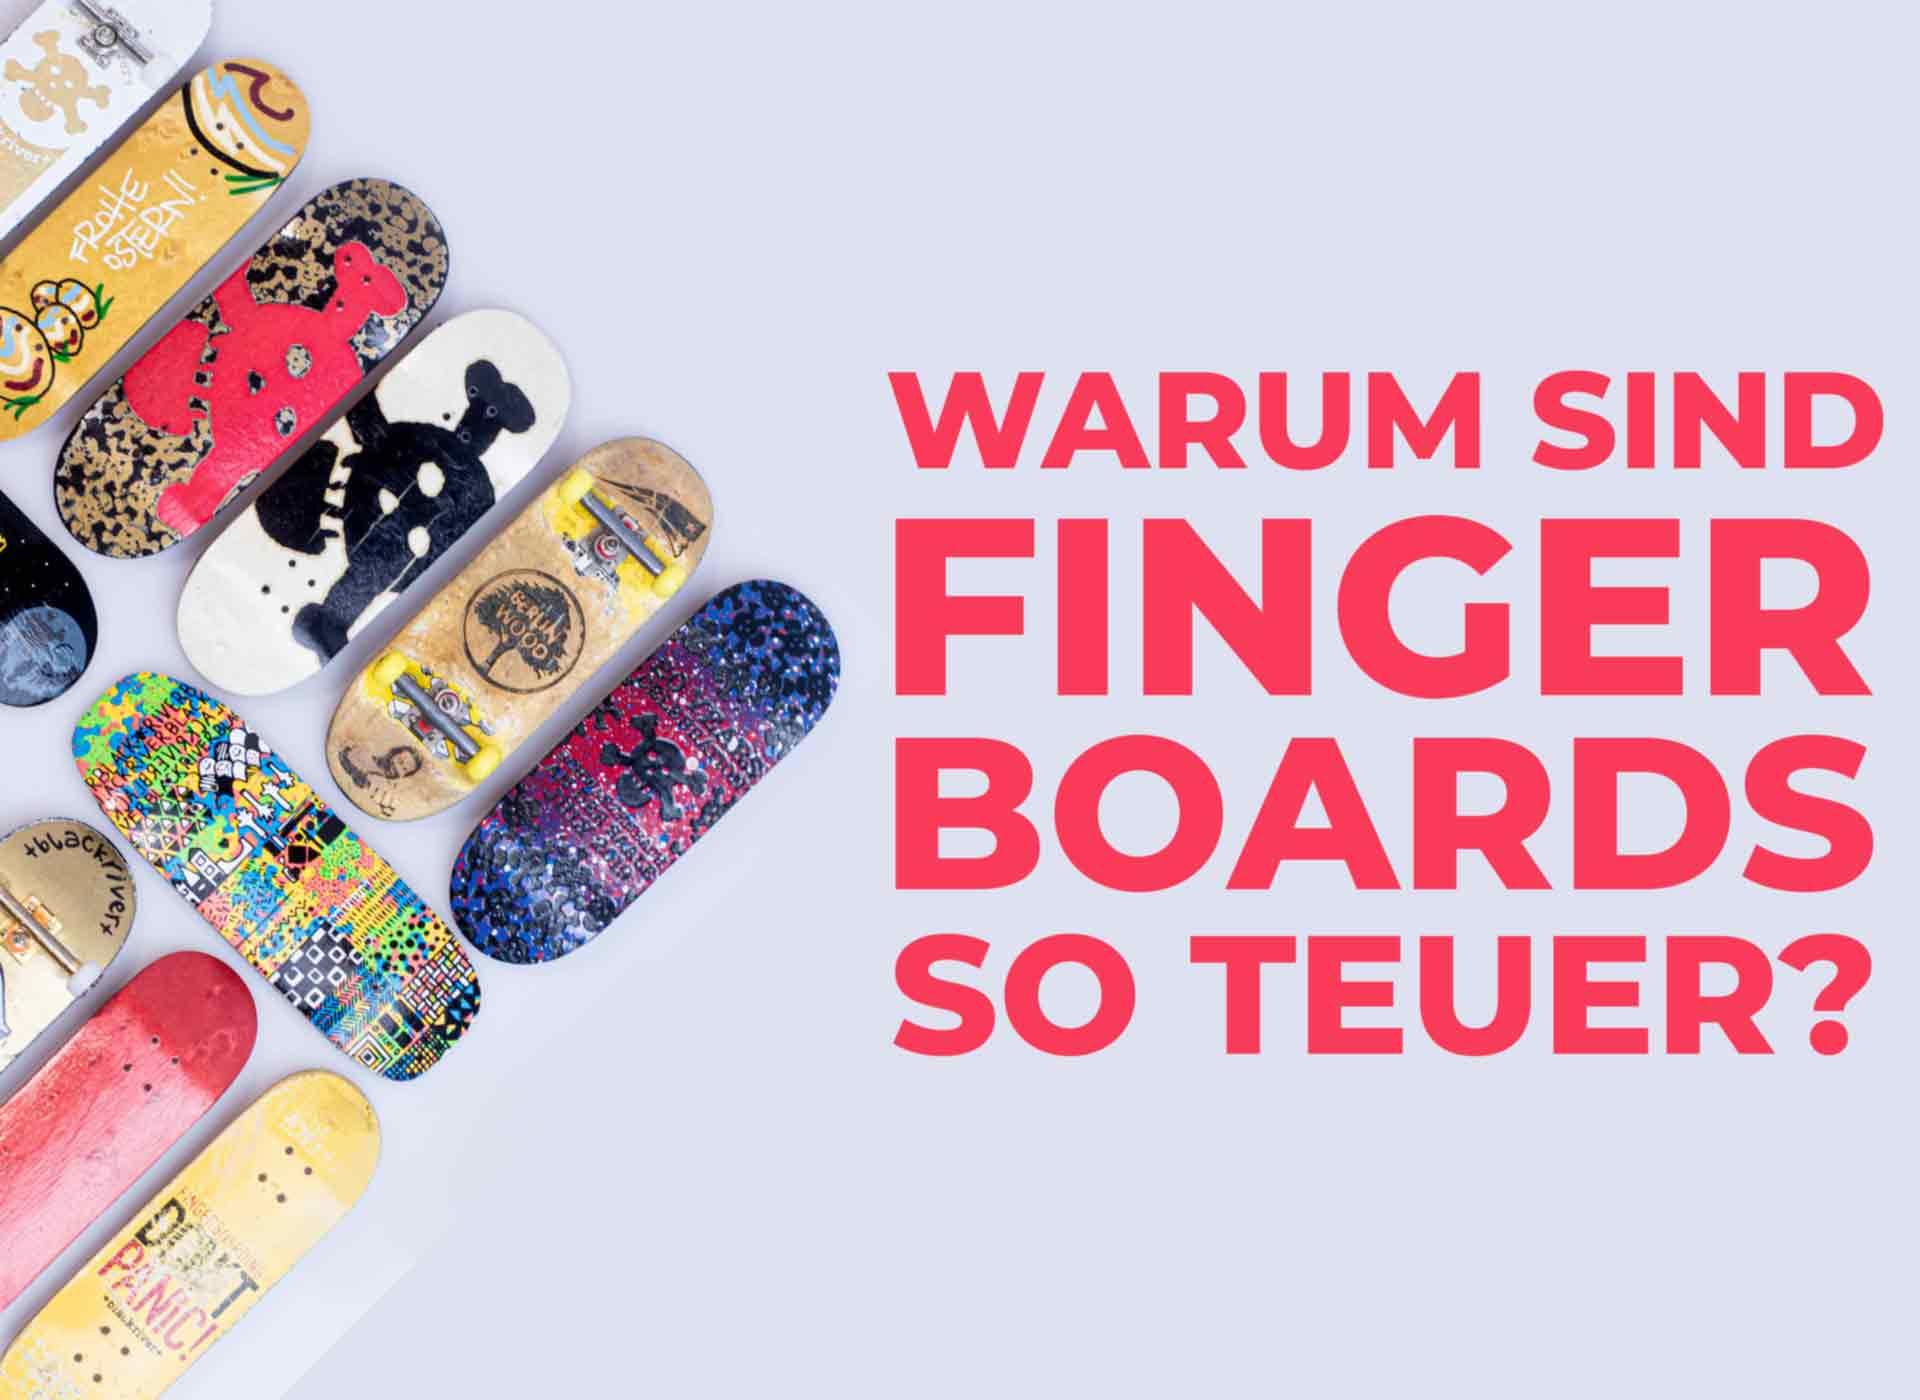 Warum sind Fingerboards so teuer? Das solltest du wissen